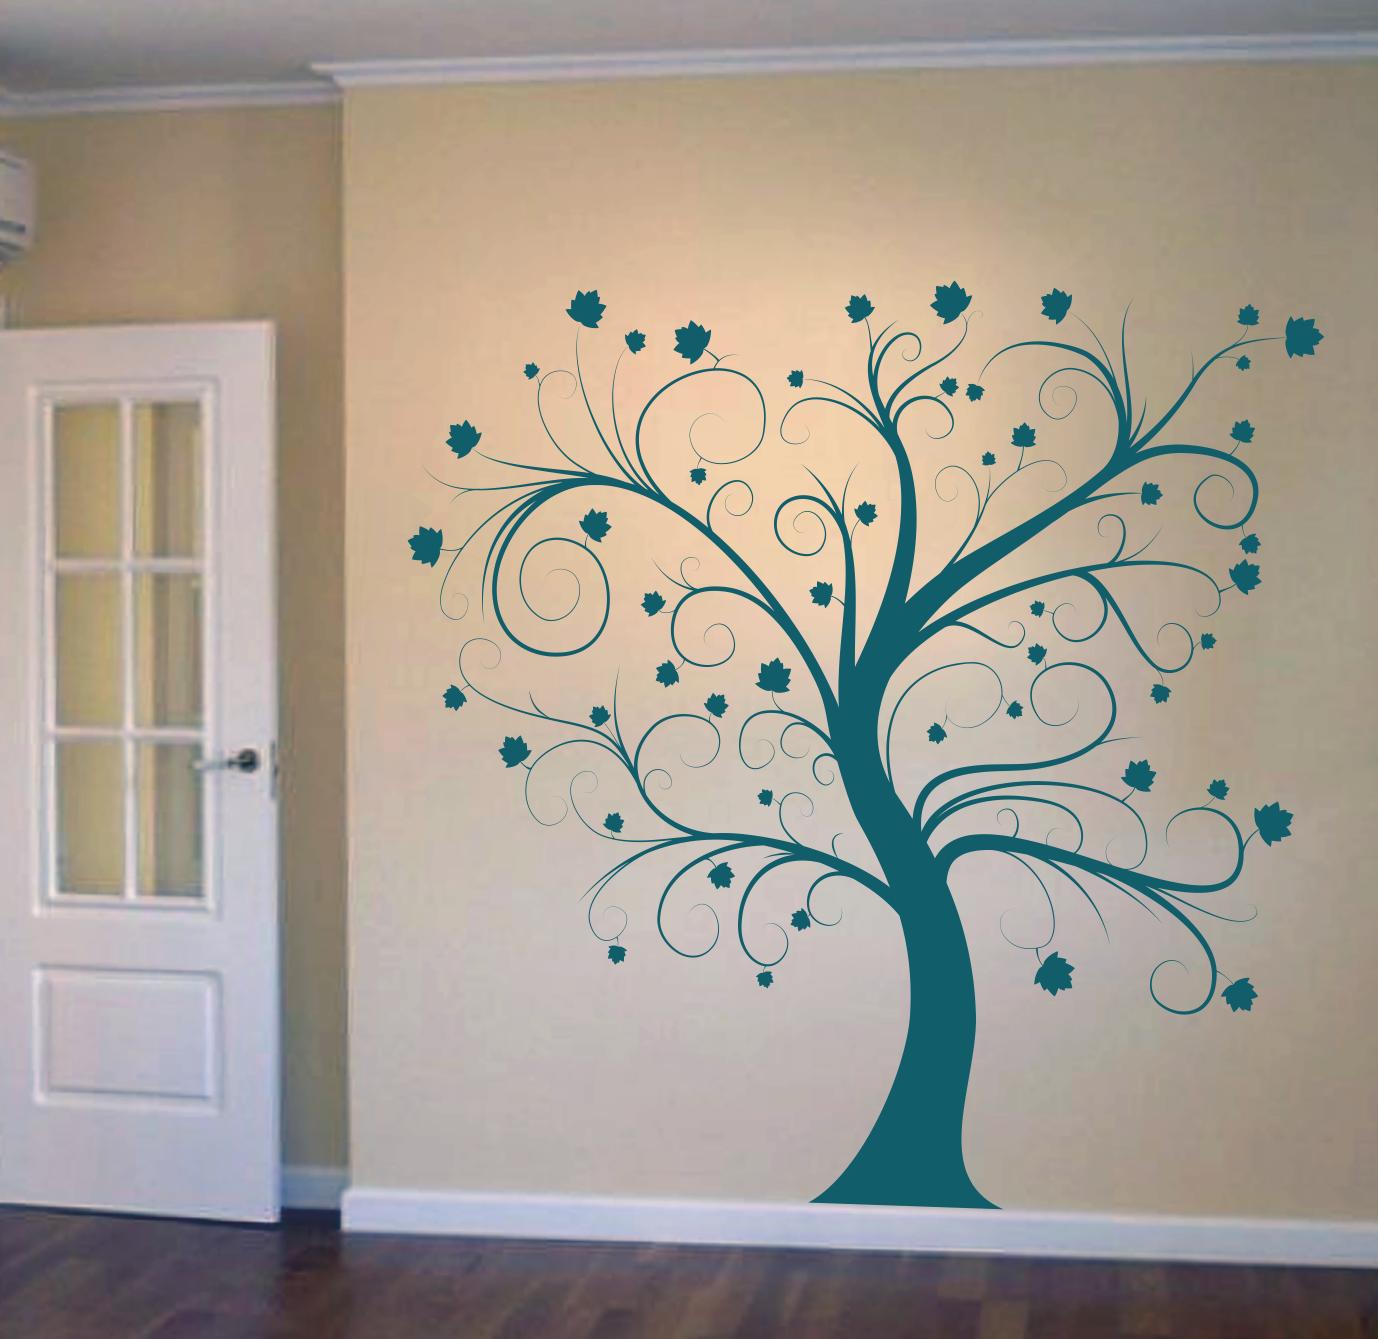 Vinilo rbol rizado decoracion de pared vinilos - Arboles decorativos ...